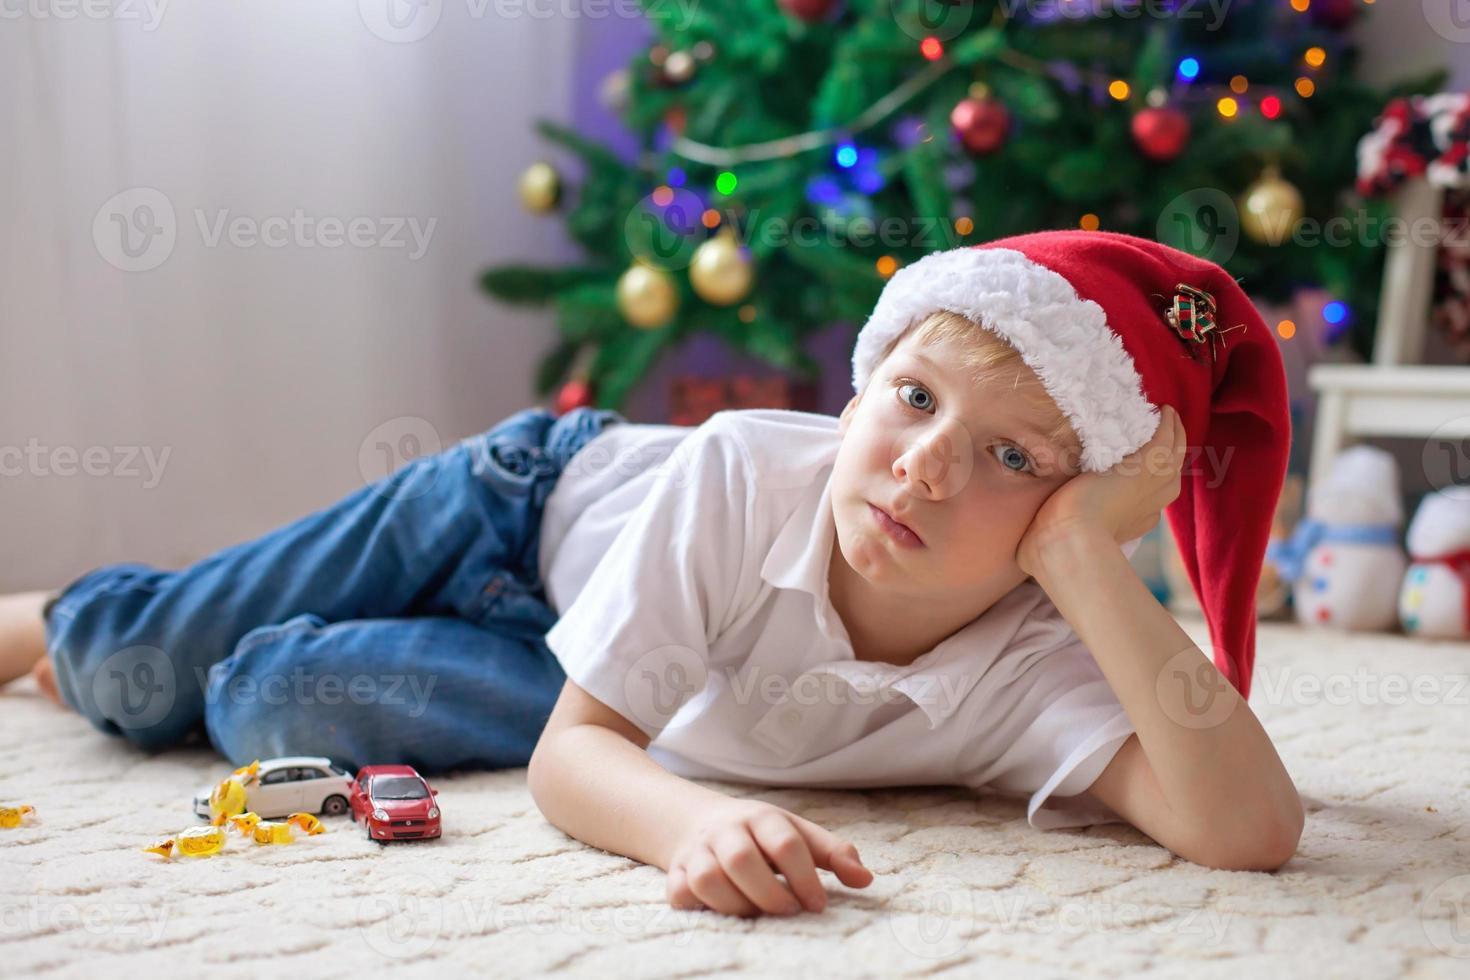 chico lindo, jugando con autos en la sala foto